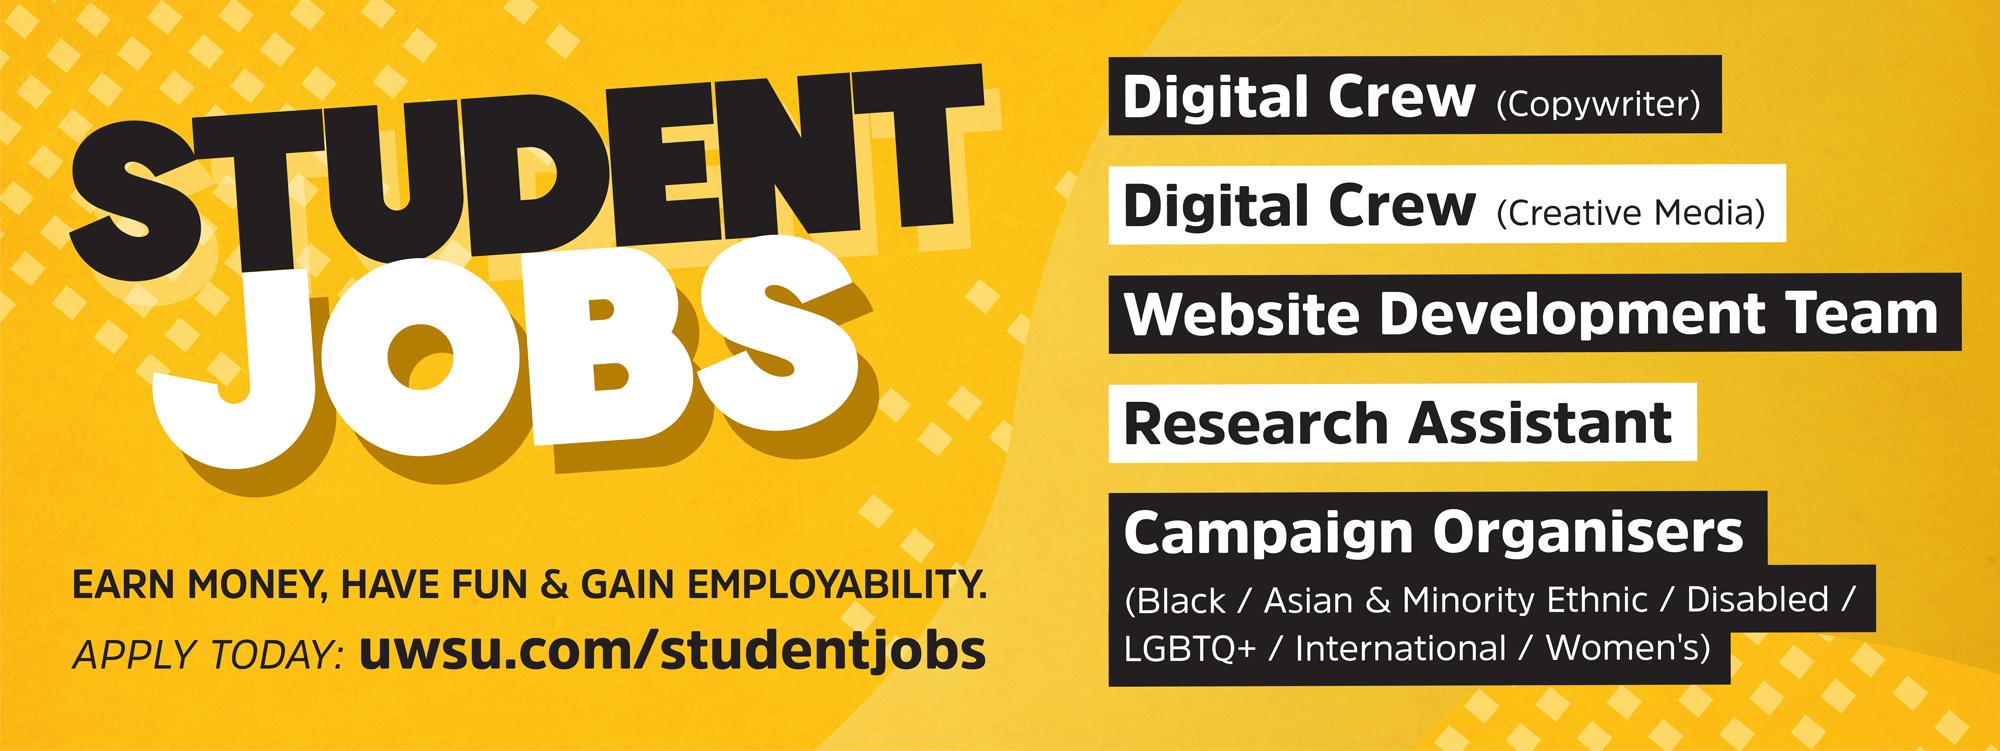 Studentjobs21v2 sms banner